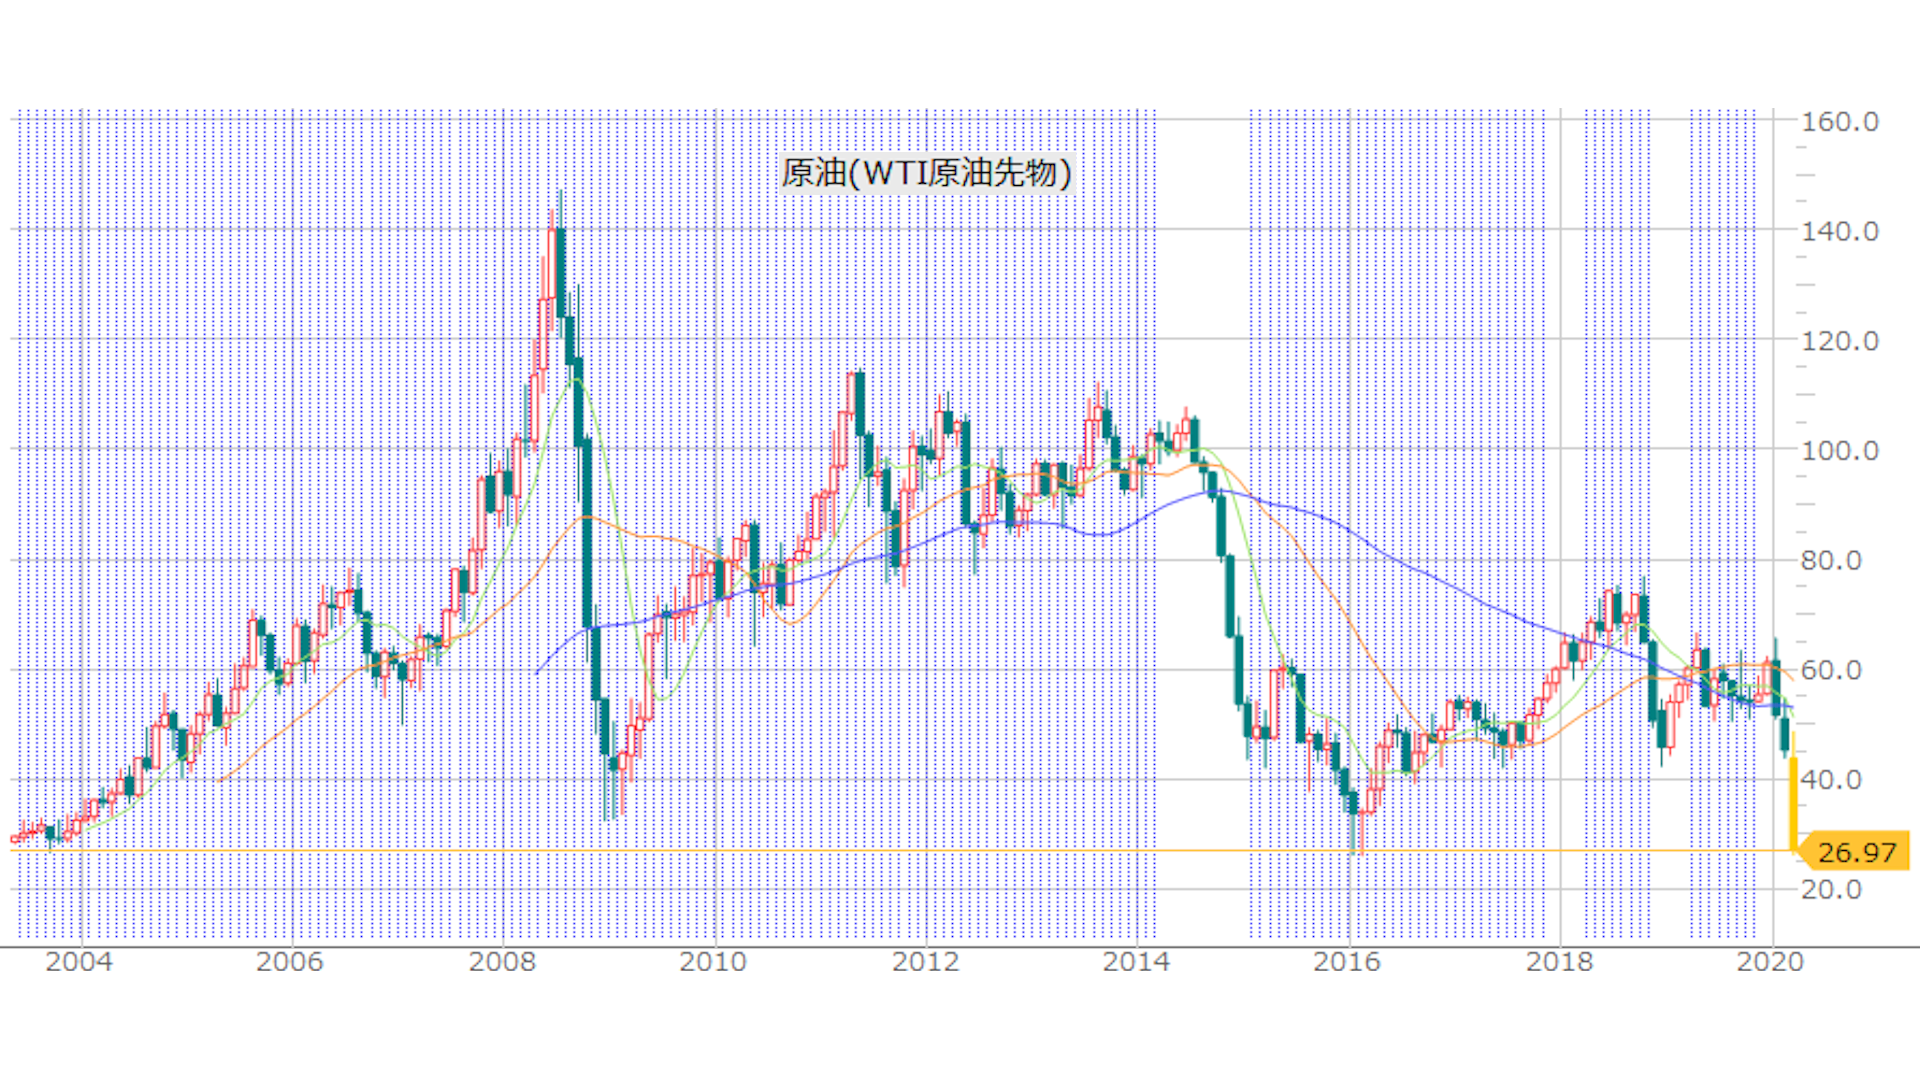 WTI原油先物価格推移チャート 2004年 - 2020年